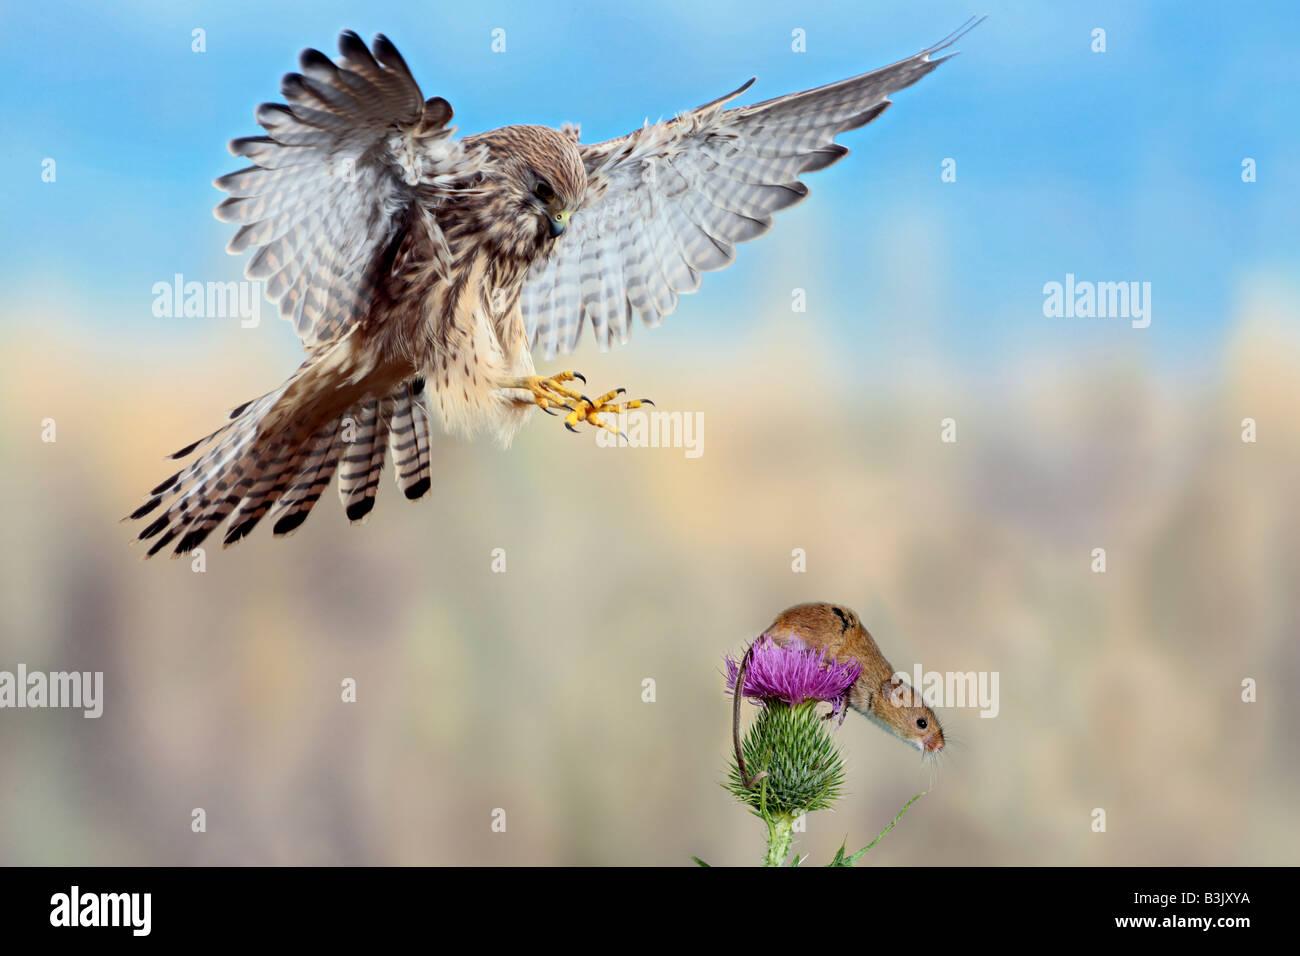 Cernícalo vulgar Falco tinnunculus sobre para tener cosecha ratón Potton Bedfordshire Imagen De Stock